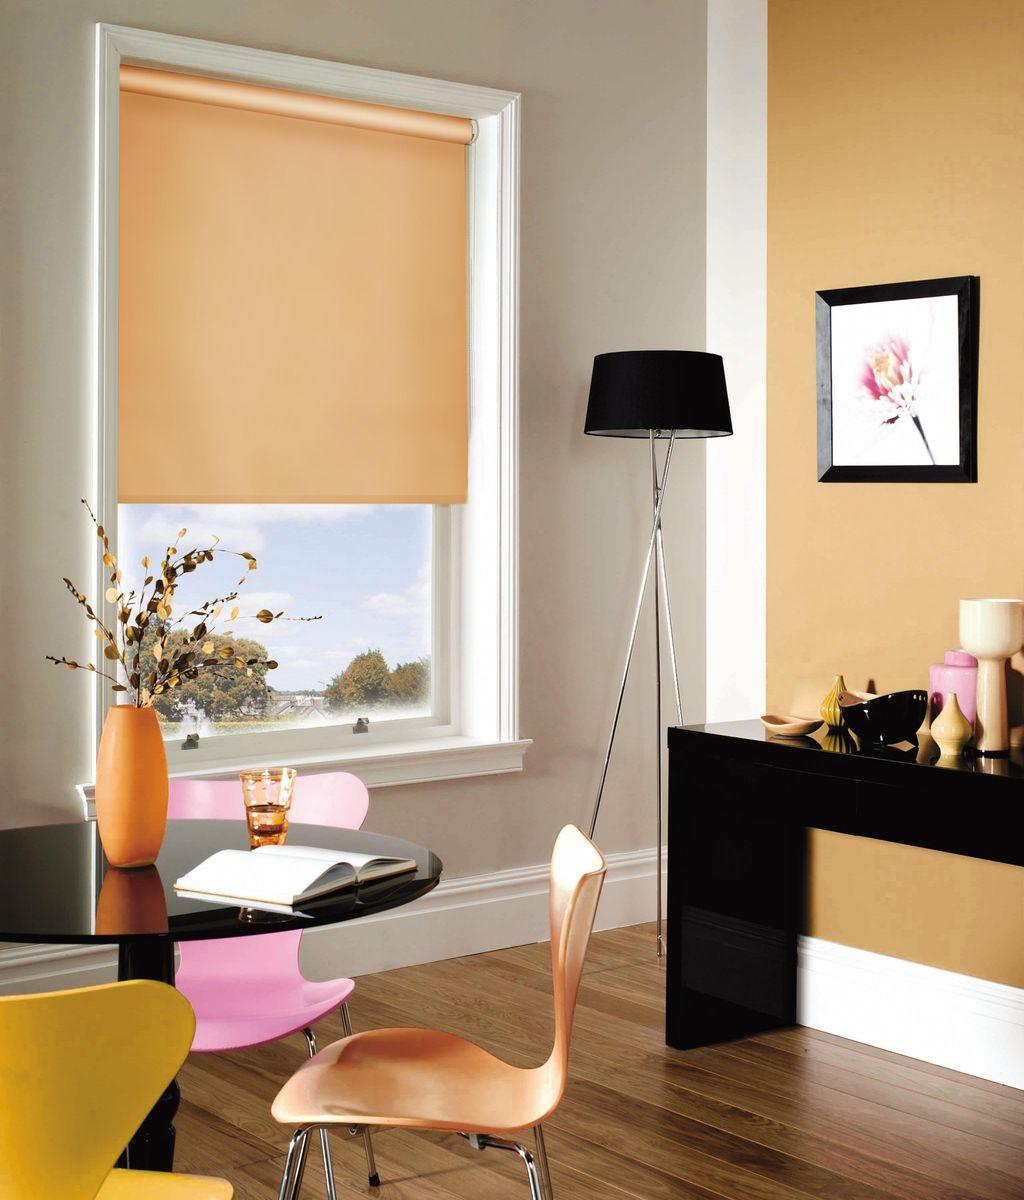 Штора рулонная Эскар, цвет: абрикосовый, ширина 130 см, высота 170 см1004900000360Рулонными шторами можно оформлять окна как самостоятельно, так и использовать в комбинации с портьерами. Это поможет предотвратить выгорание дорогой ткани на солнце и соединит функционал рулонных с красотой навесных.Преимущества применения рулонных штор для пластиковых окон:- имеют прекрасный внешний вид: многообразие и фактурность материала изделия отлично смотрятся в любом интерьере; - многофункциональны: есть возможность подобрать шторы способные эффективно защитить комнату от солнца, при этом о на не будет слишком темной. - Есть возможность осуществить быстрый монтаж. ВНИМАНИЕ! Размеры ширины изделия указаны по ширине ткани!Во время эксплуатации не рекомендуется полностью разматывать рулон, чтобы не оторвать ткань от намоточного вала.В случае загрязнения поверхности ткани, чистку шторы проводят одним из способов, в зависимости от типа загрязнения: легкое поверхностное загрязнение можно удалить при помощи канцелярского ластика; чистка от пыли производится сухим методом при помощи пылесоса с мягкой щеткой-насадкой; для удаления пятна используйте мягкую губку с пенообразующим неагрессивным моющим средством или пятновыводитель на натуральной основе (нельзя применять растворители).